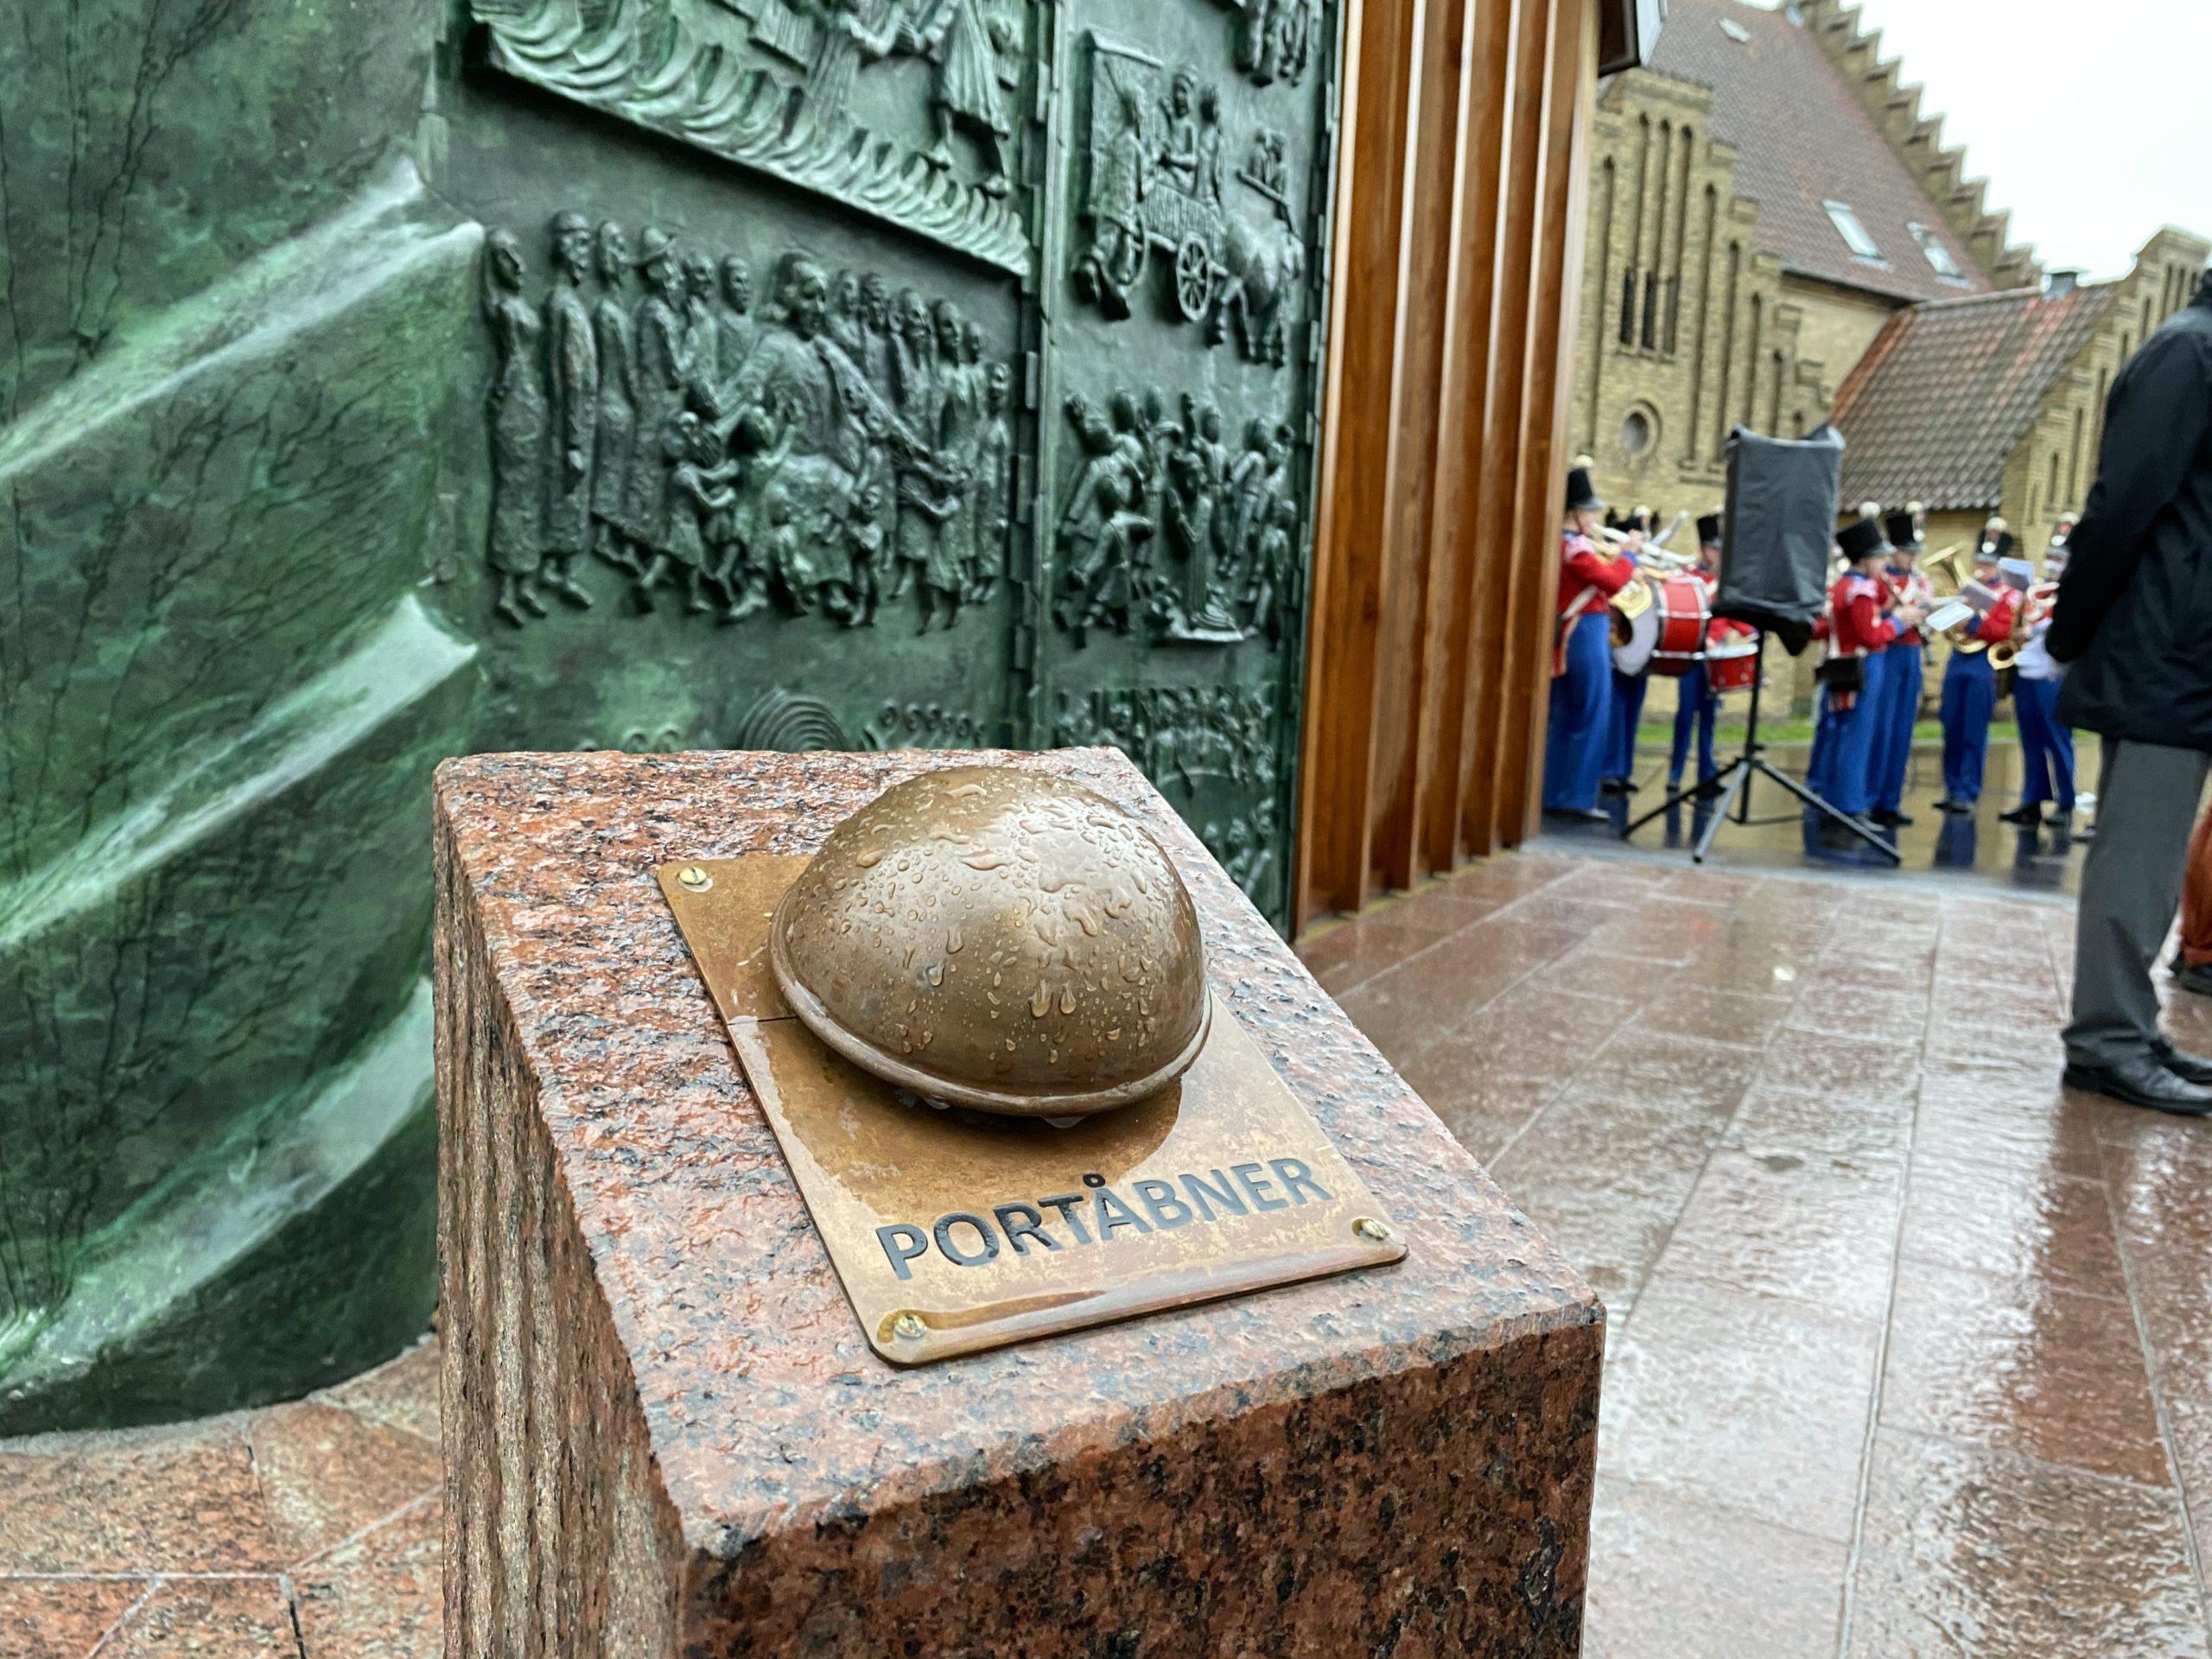 Christianskirken: Ny bronzeportal indviet med smil og stolthed